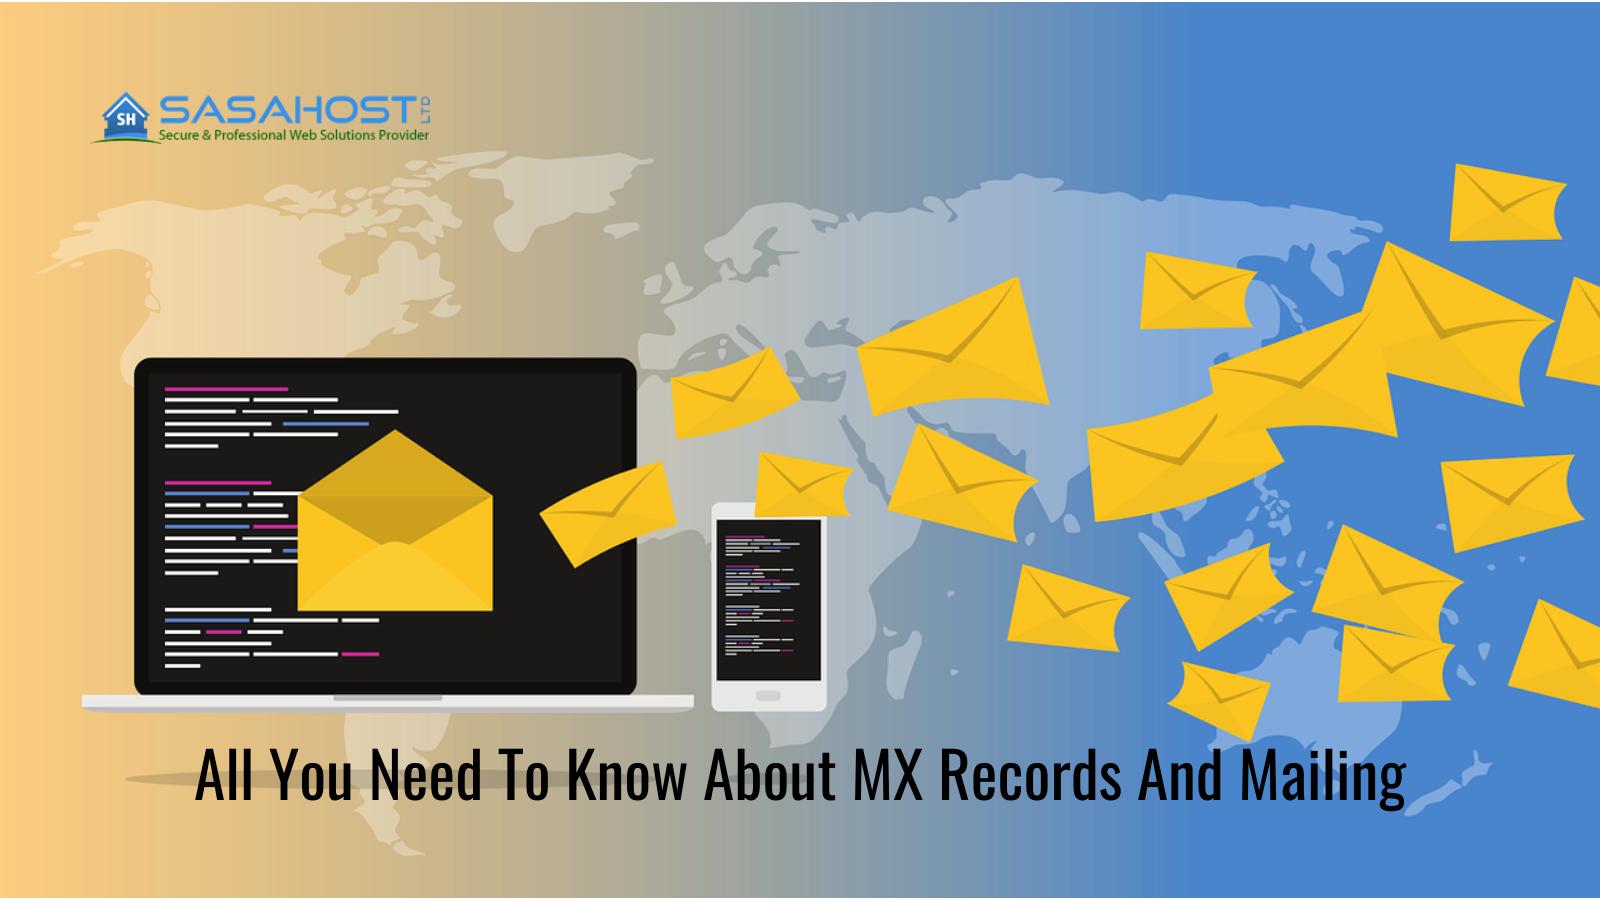 MX Records